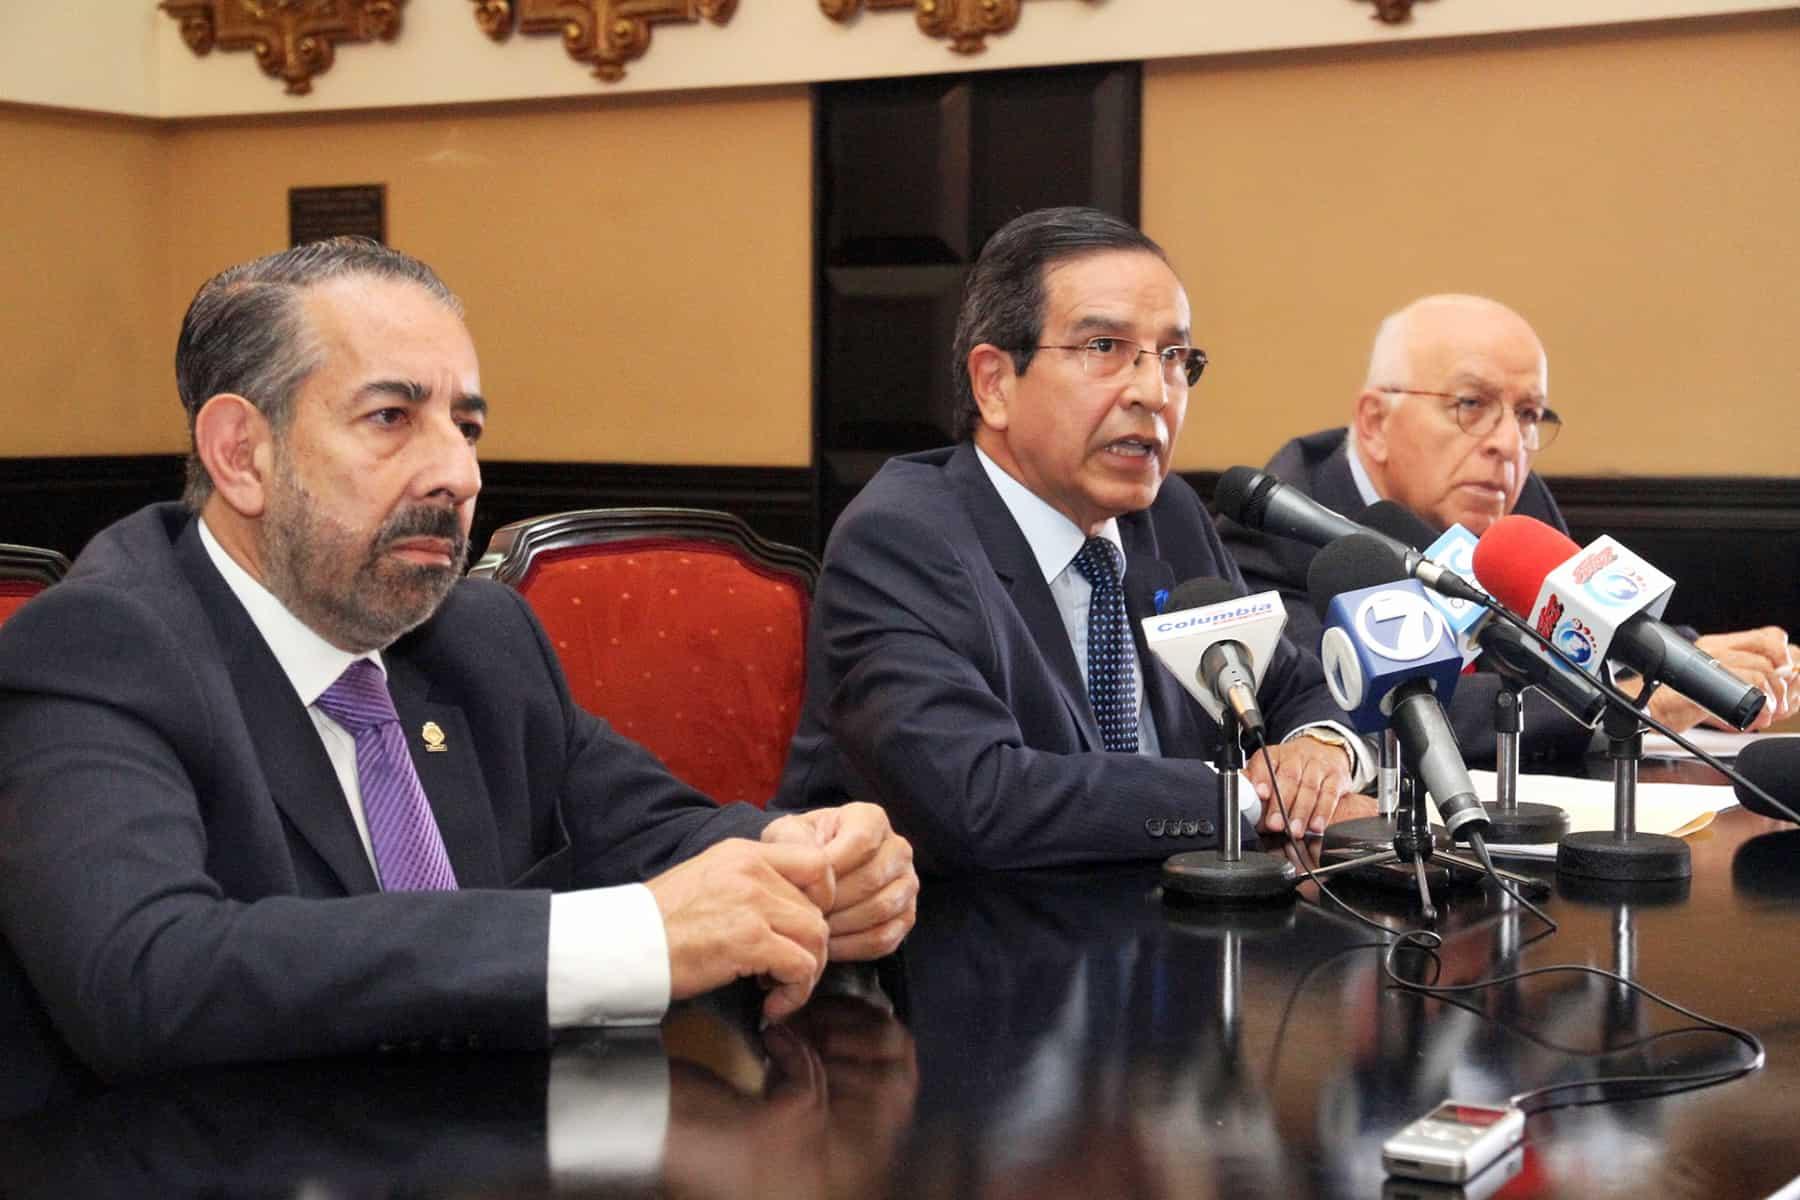 PLN lawmakers Juan Luis Jiménez Succar, Rolando González Ulloa, Carlos Arguedas Ramírez